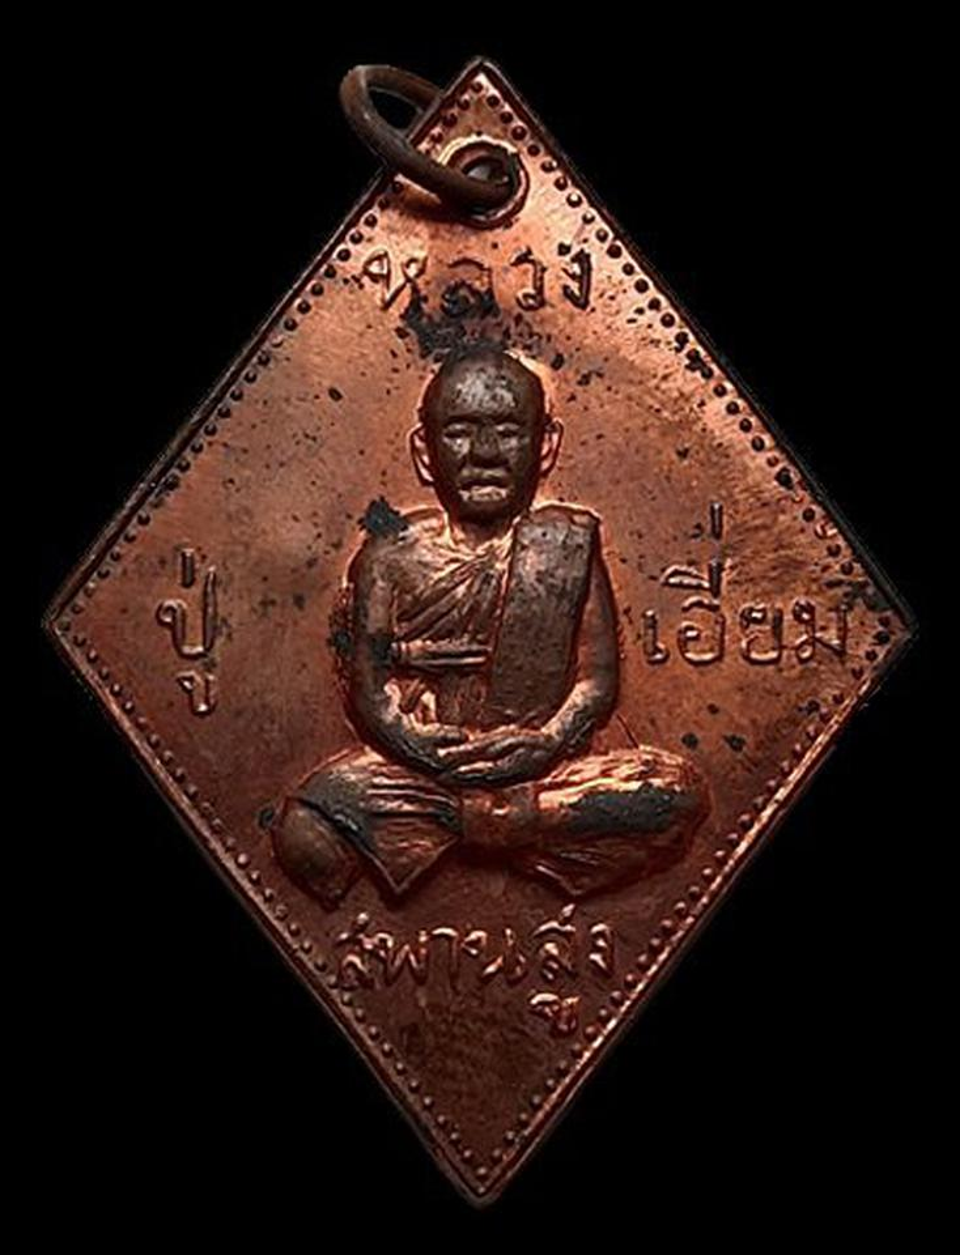 เหรียญหลวงปู่เอี่ยม วัดสะพานสูง รุ่นกันภัย-ปลุกเสกโดยหลวงพ่อรวย วัดตะโก ปี ๒๕๕๘  รูปที่ 1